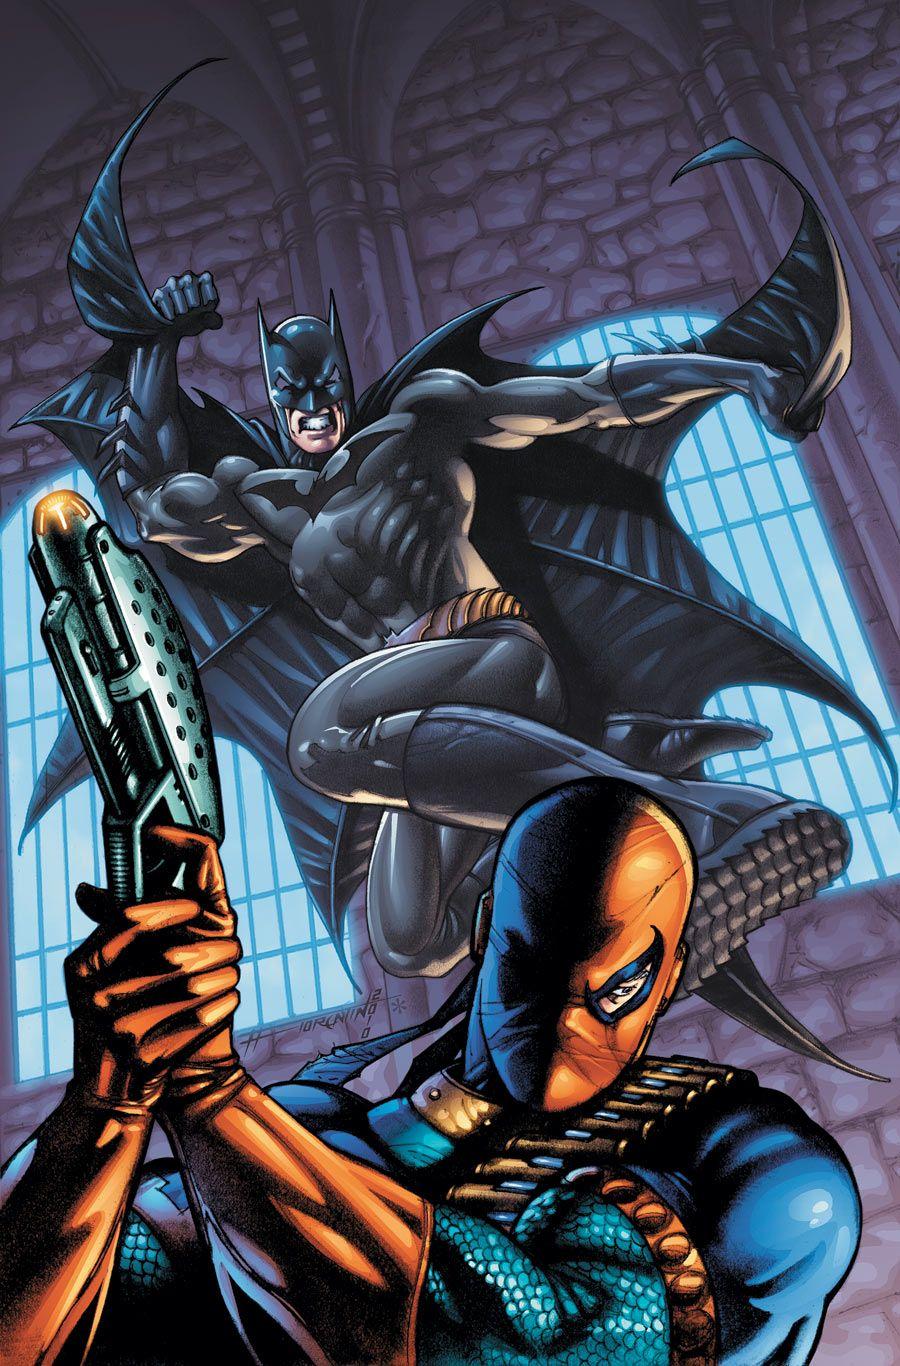 Daredevil Vs Deathstroke Batman vs Deathstroke ...